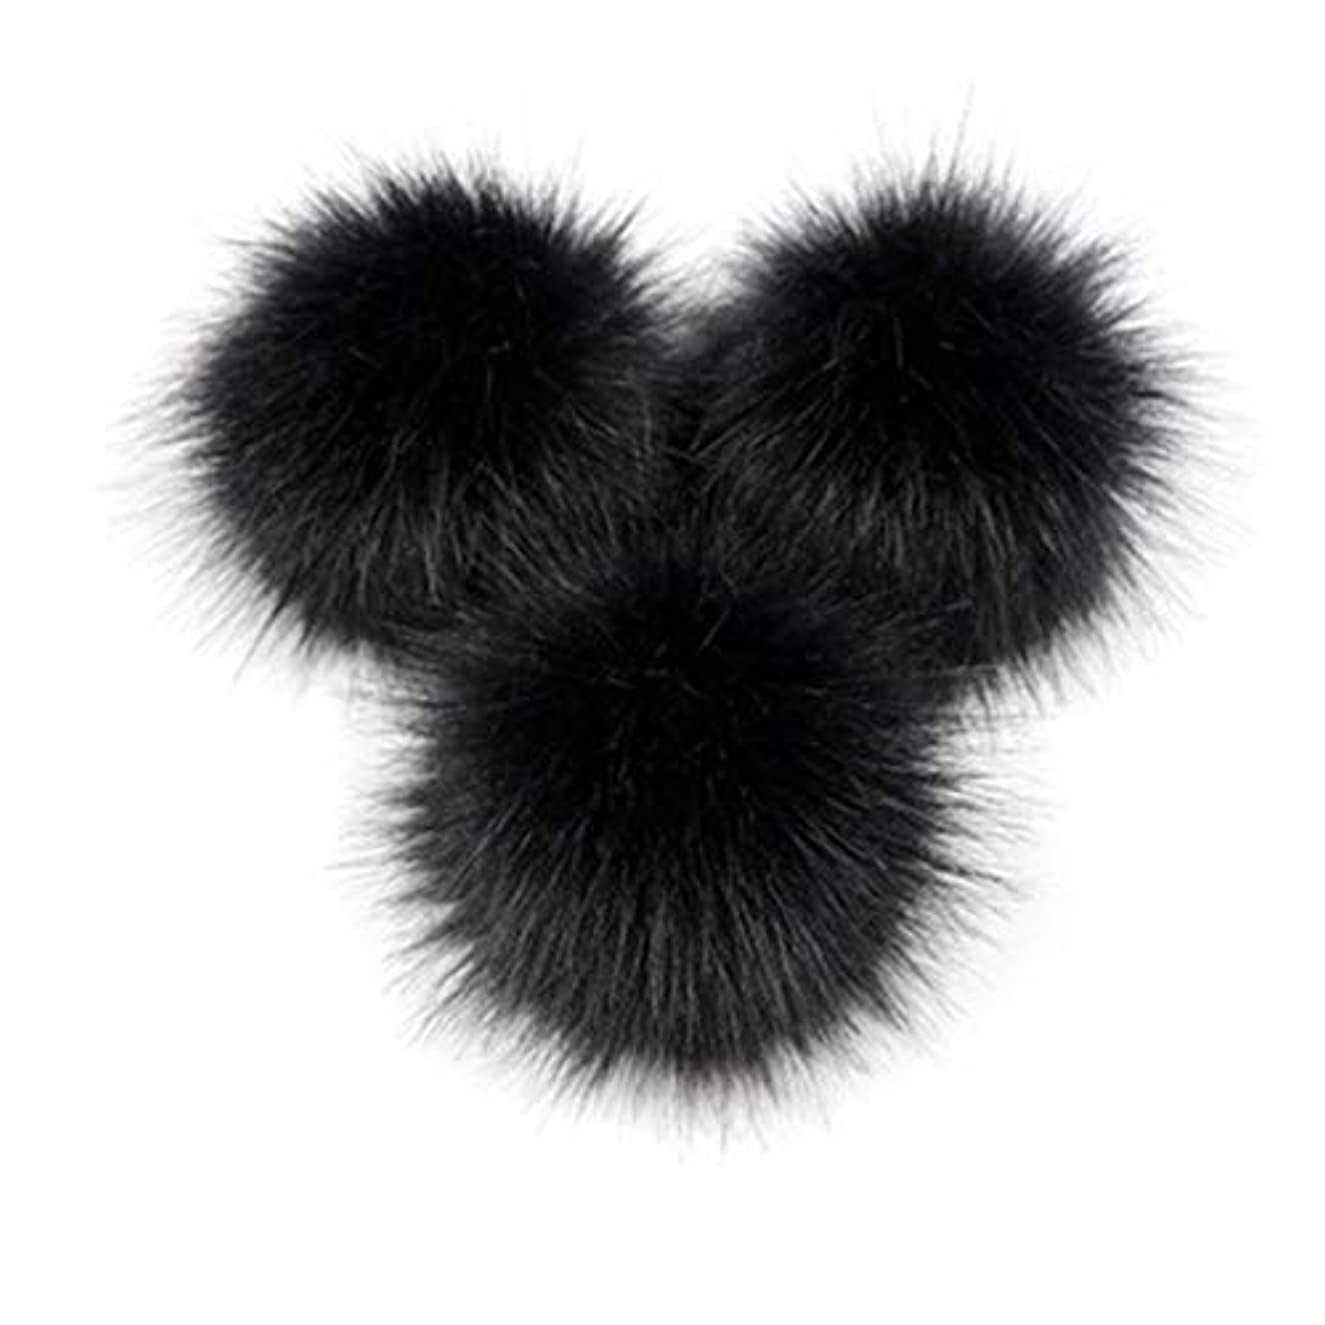 バッジ一族ステーキKongqiabonaかわいいキツネの毛皮のポンポン取り外し可能な毛皮ふわふわボブルボールでプレスボタン用diy帽子キャップバッグ服靴の装飾